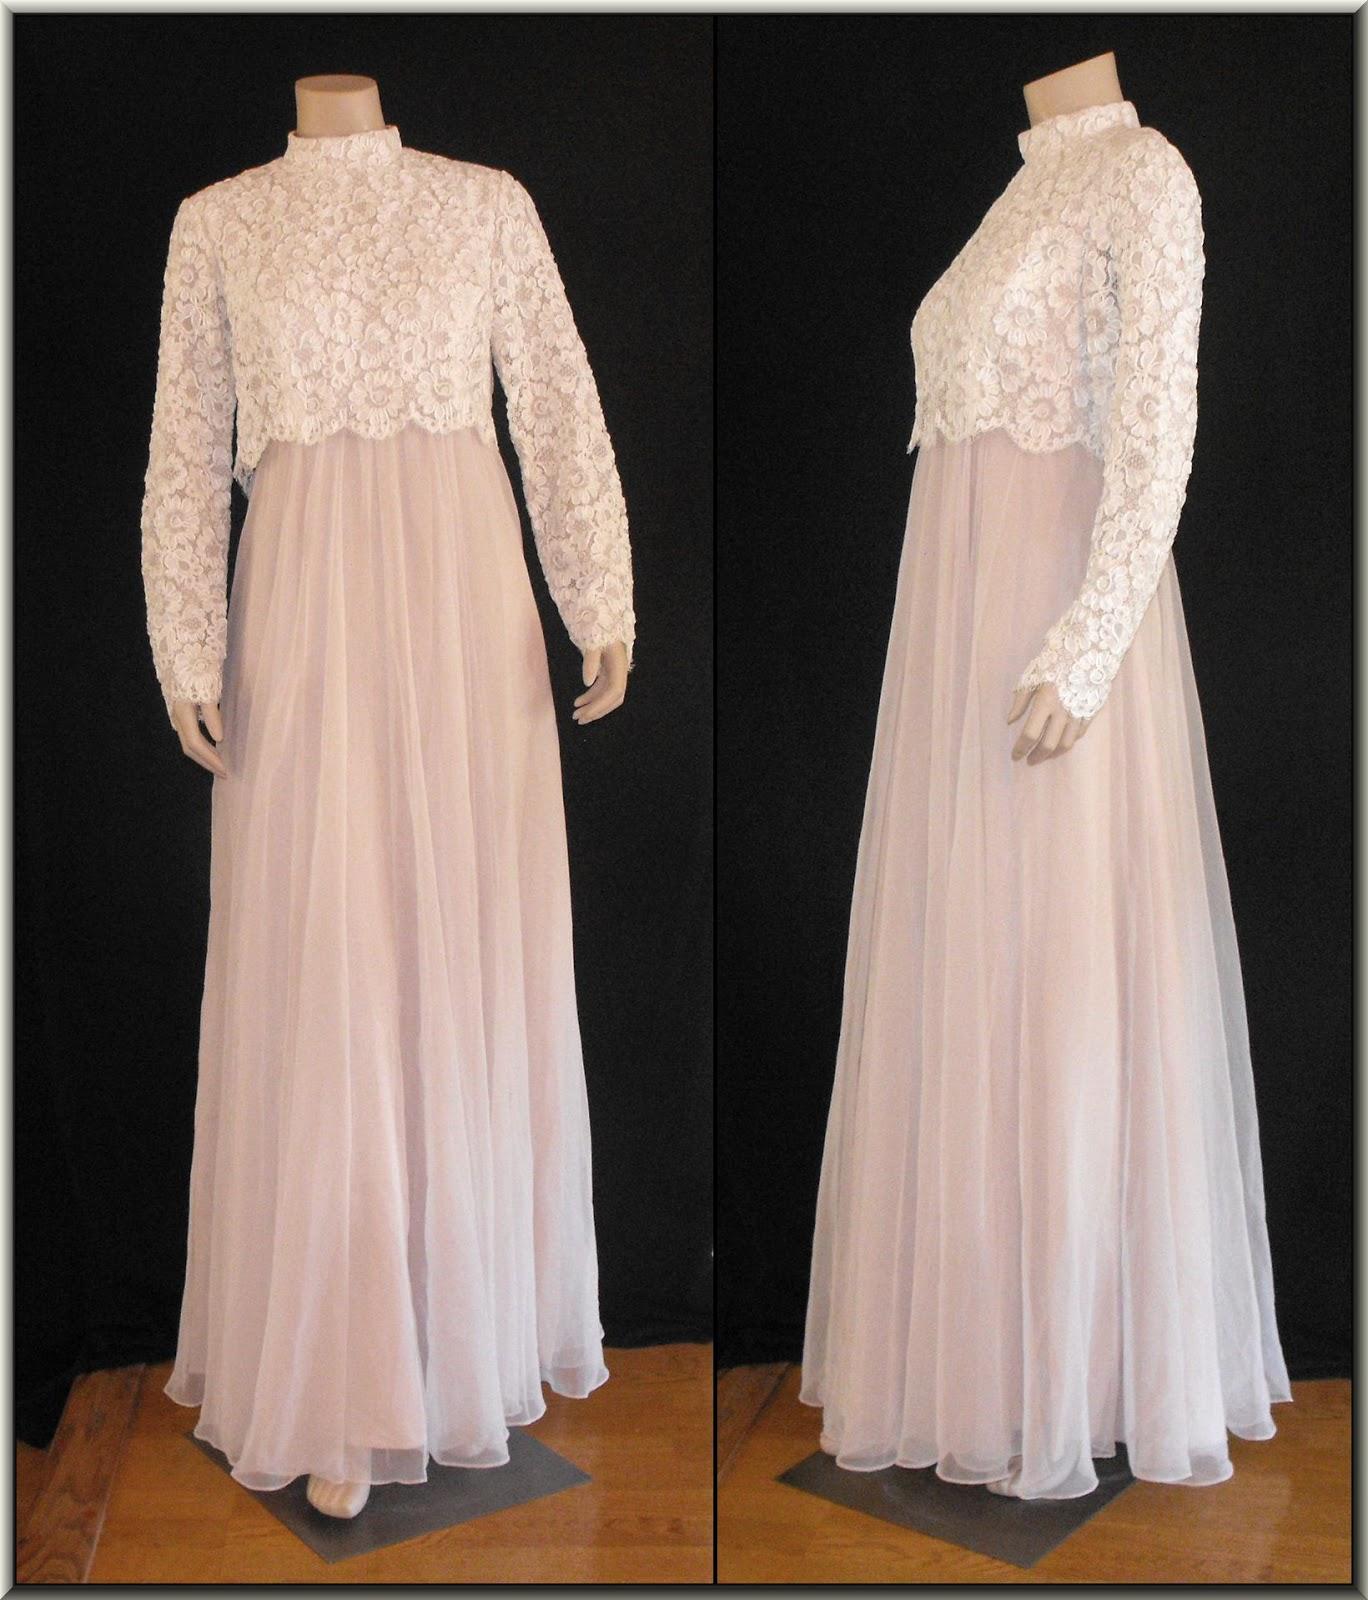 fb4633212a Vintage 1960s Soutache Lace & Chiffon Evening Gown by Miles & Miles